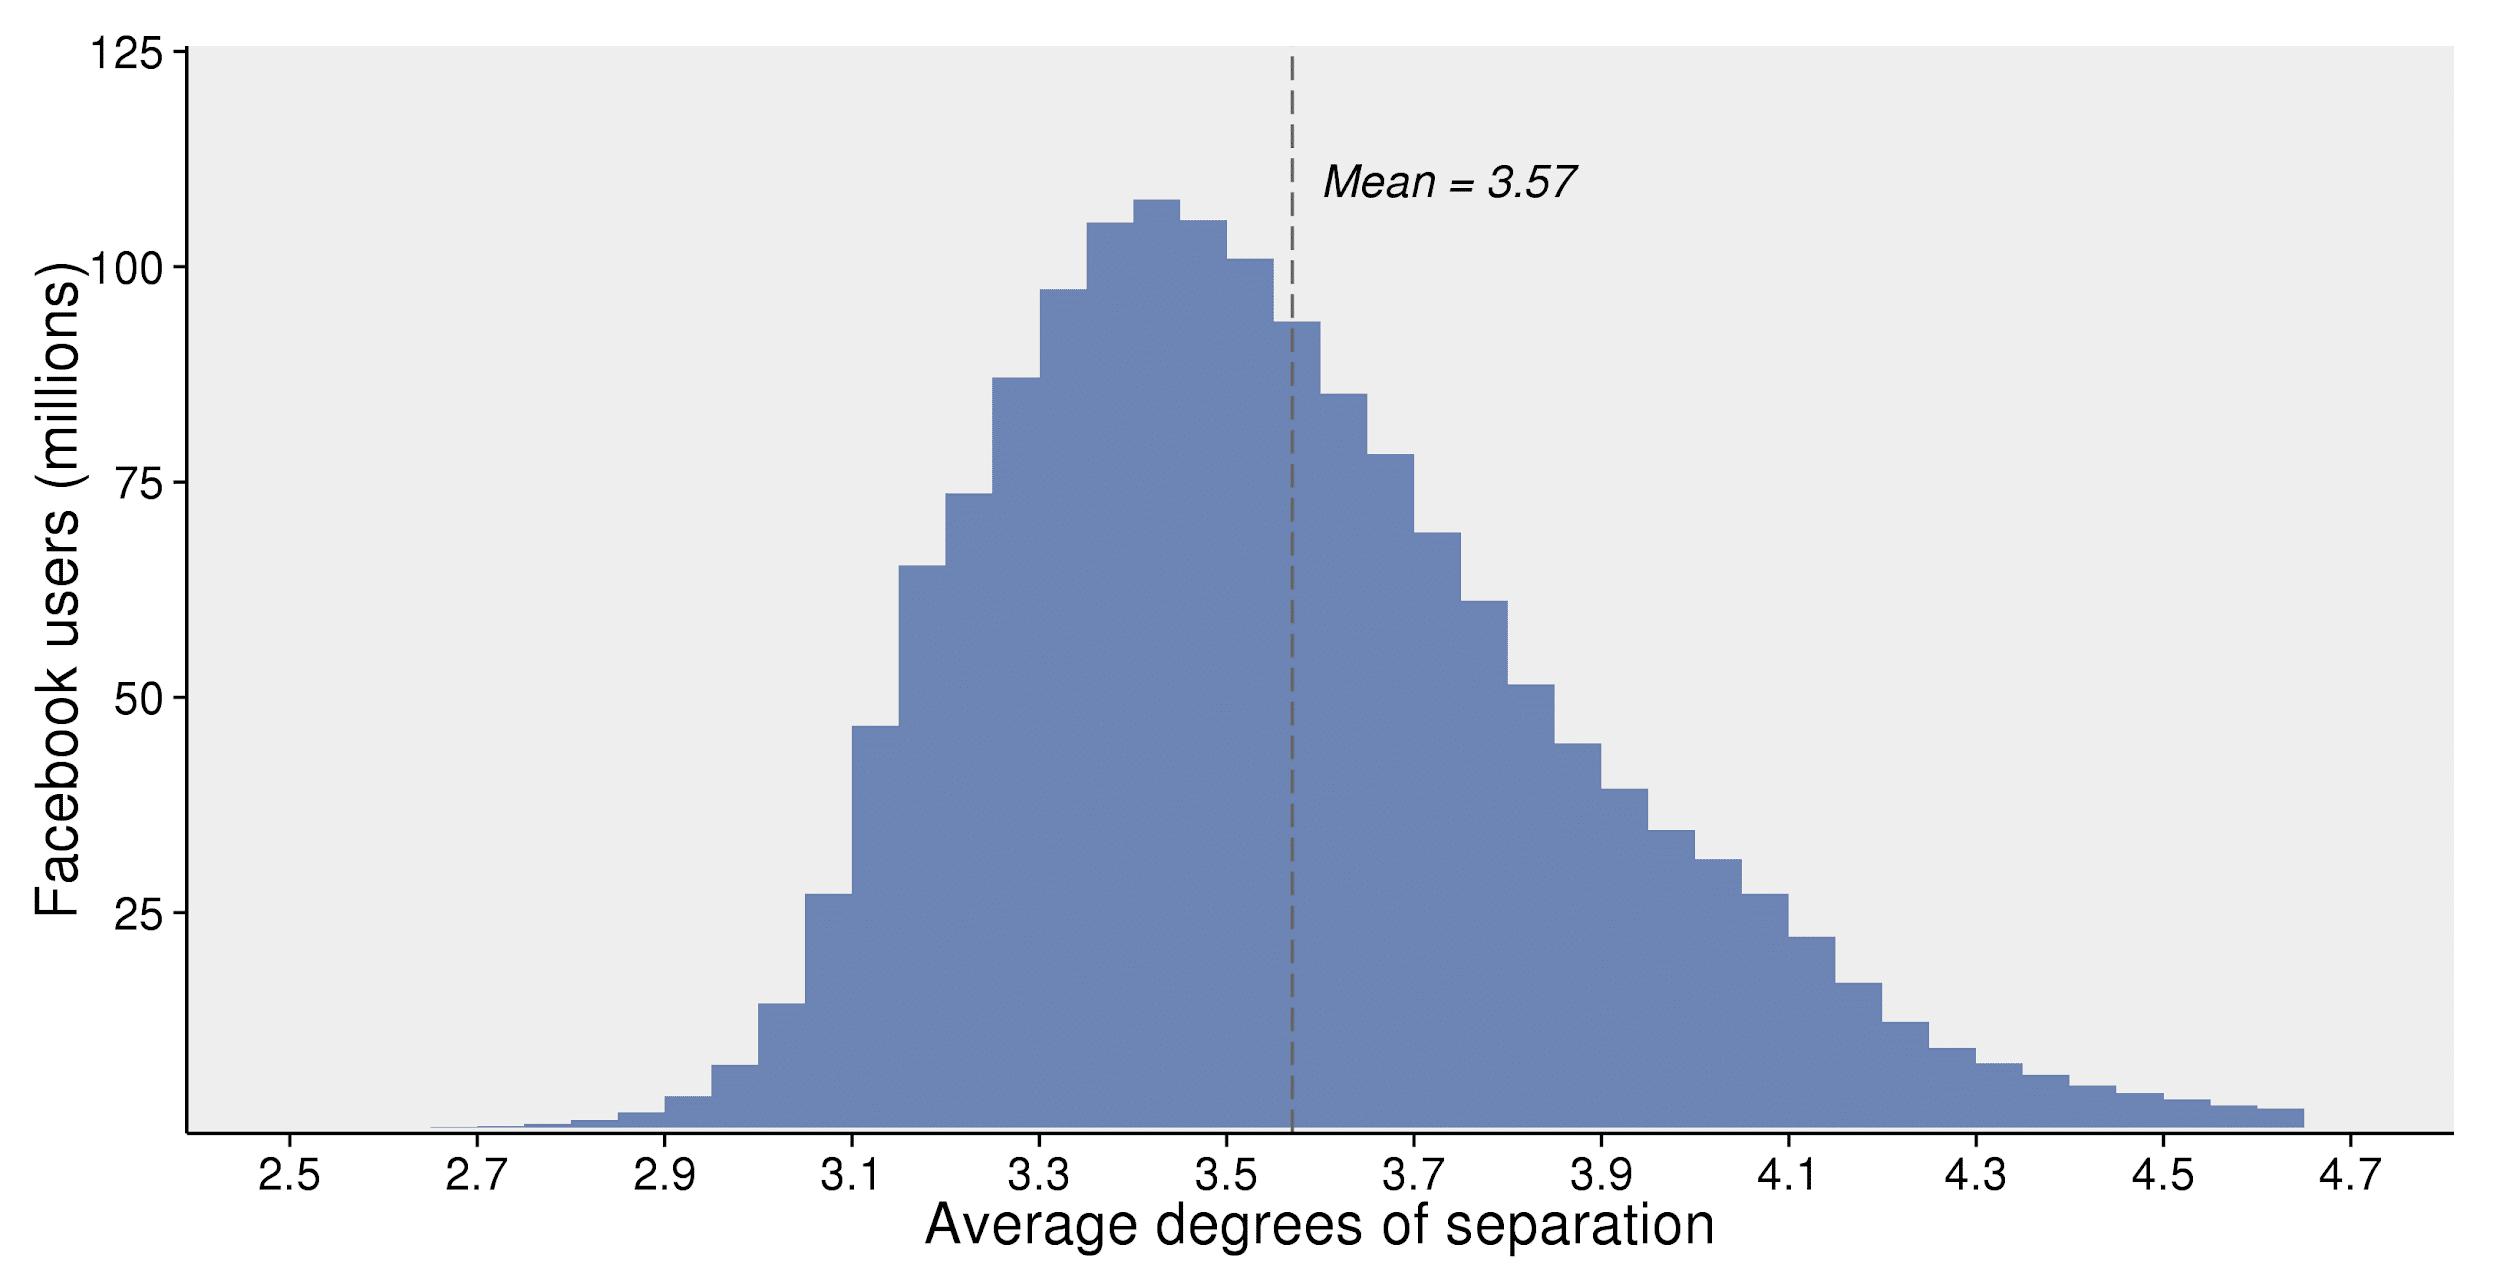 Grados de separación promedios en Facebook